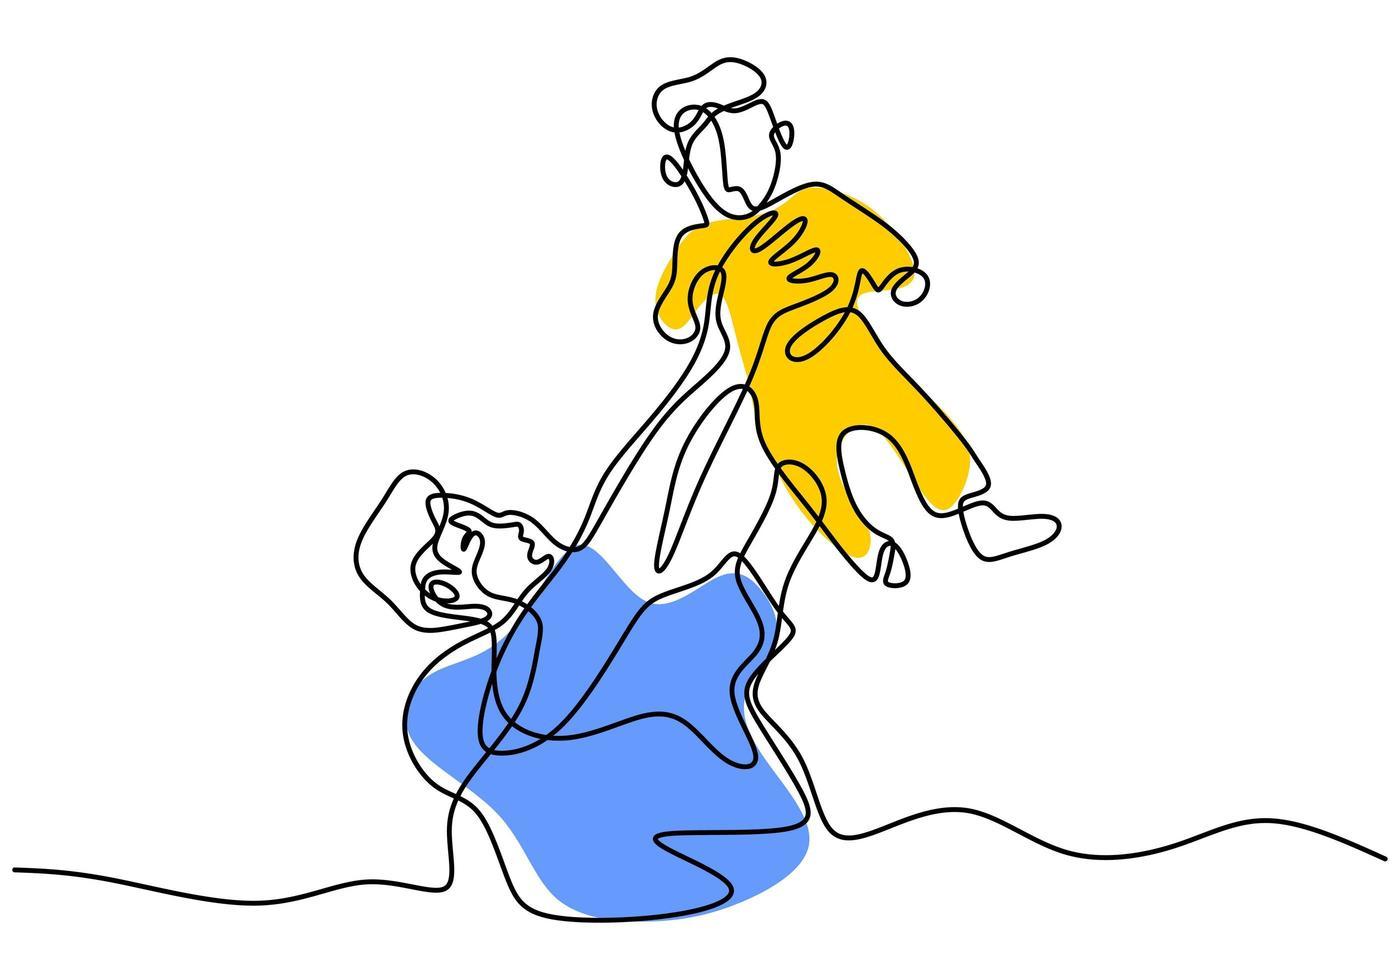 Un papa continu sur une seule ligne et une ligne jette un enfant à la main. rire avec bébé. heureux de jouer avec son bébé. aime son bébé. illustration vectorielle vecteur